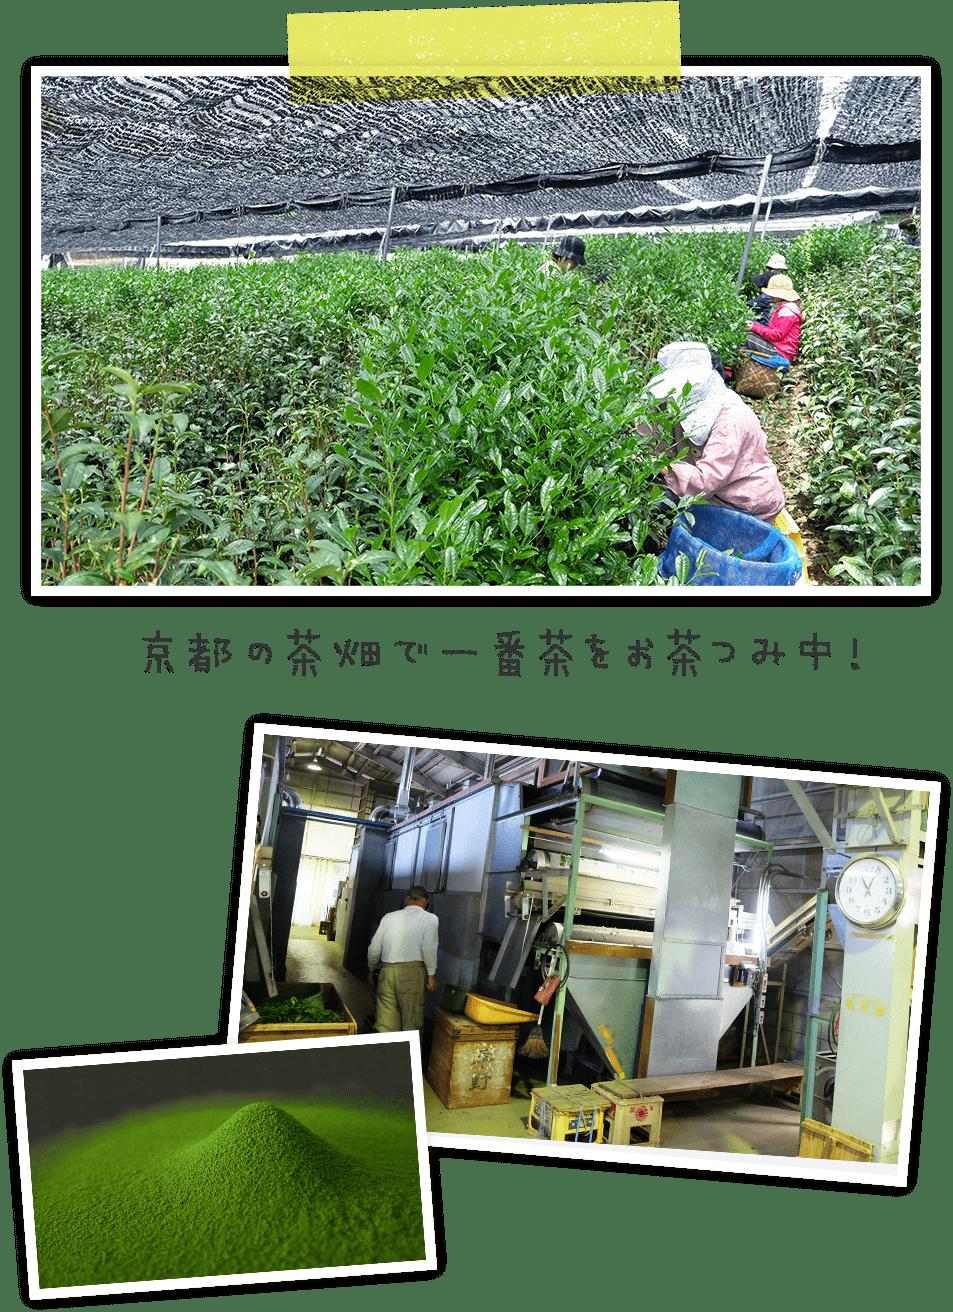 京都のの茶畑で一番茶をお茶つみ中!